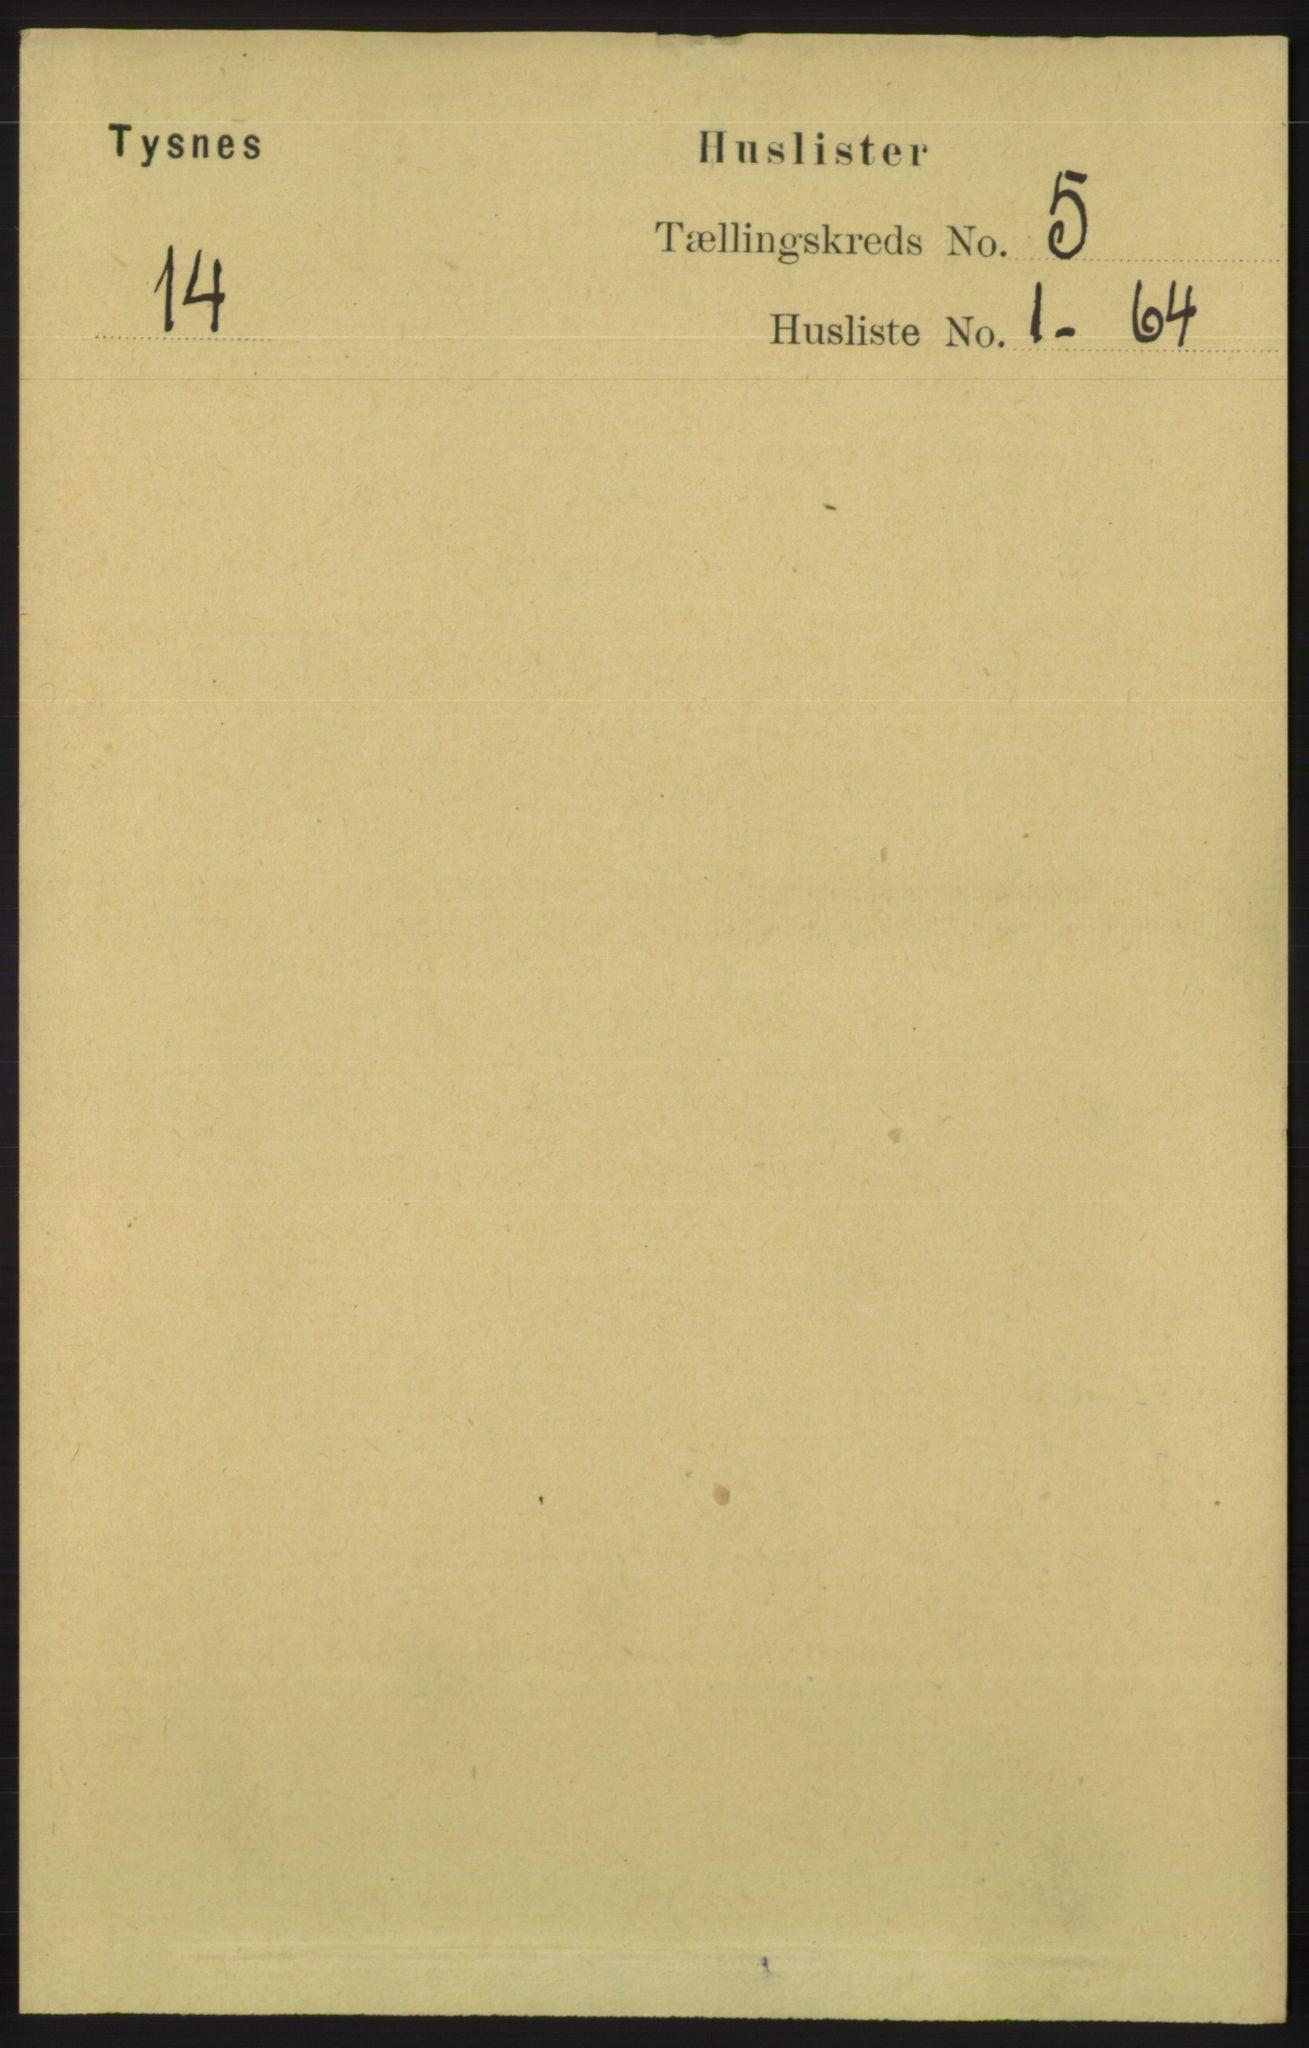 RA, Folketelling 1891 for 1223 Tysnes herred, 1891, s. 1836